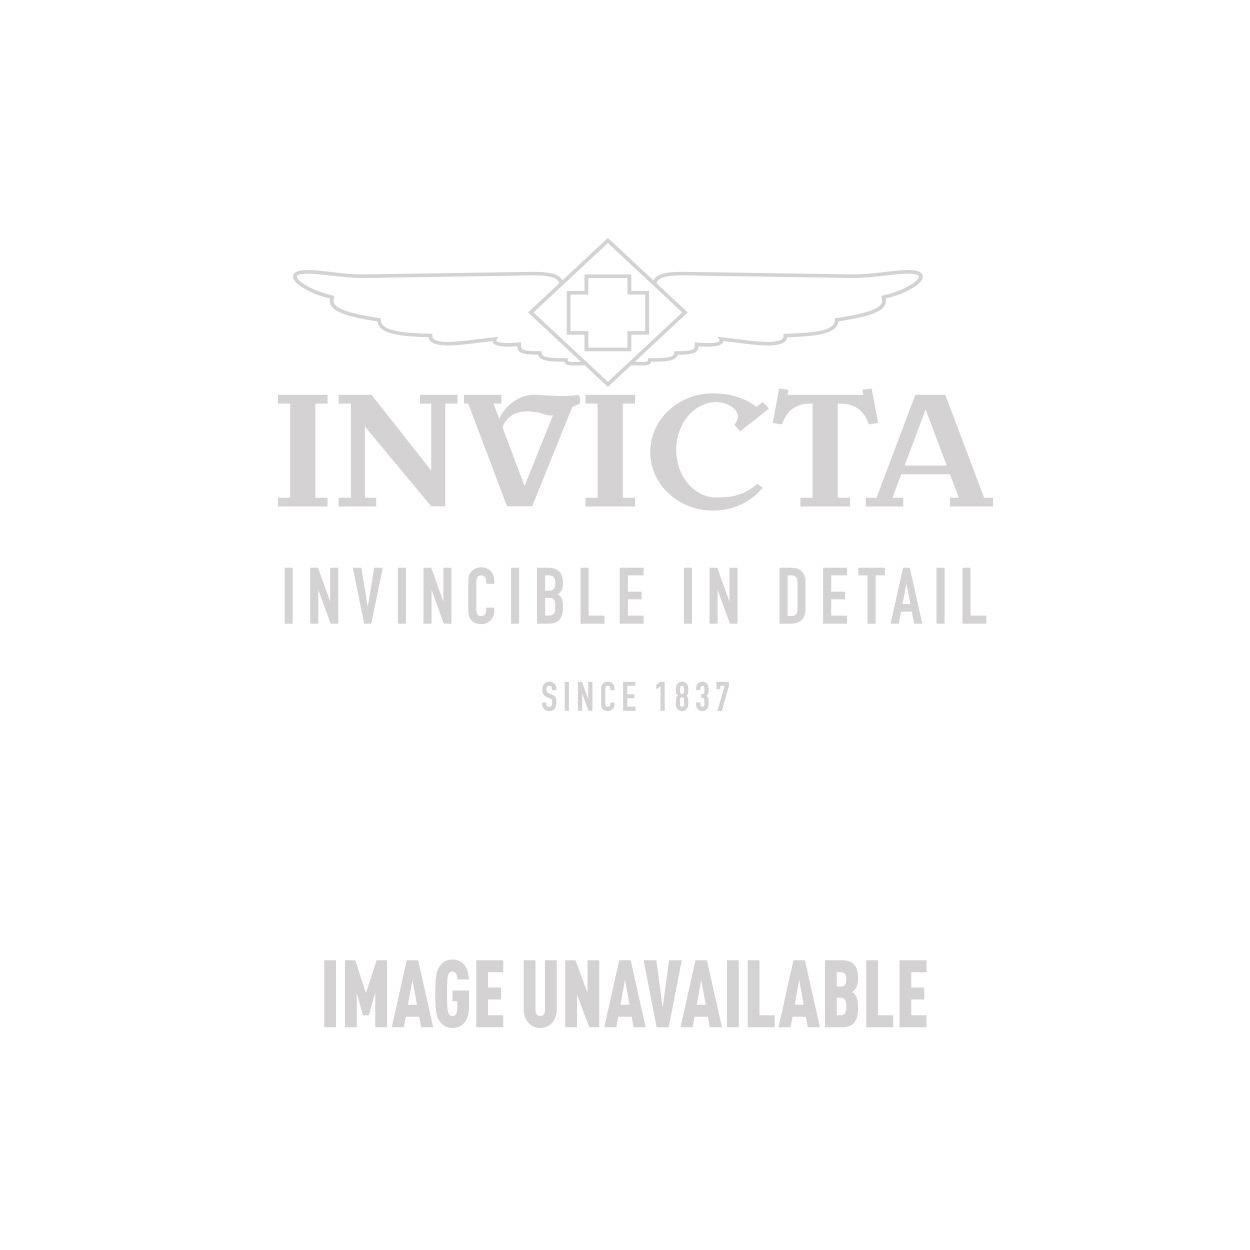 Invicta Model 24871